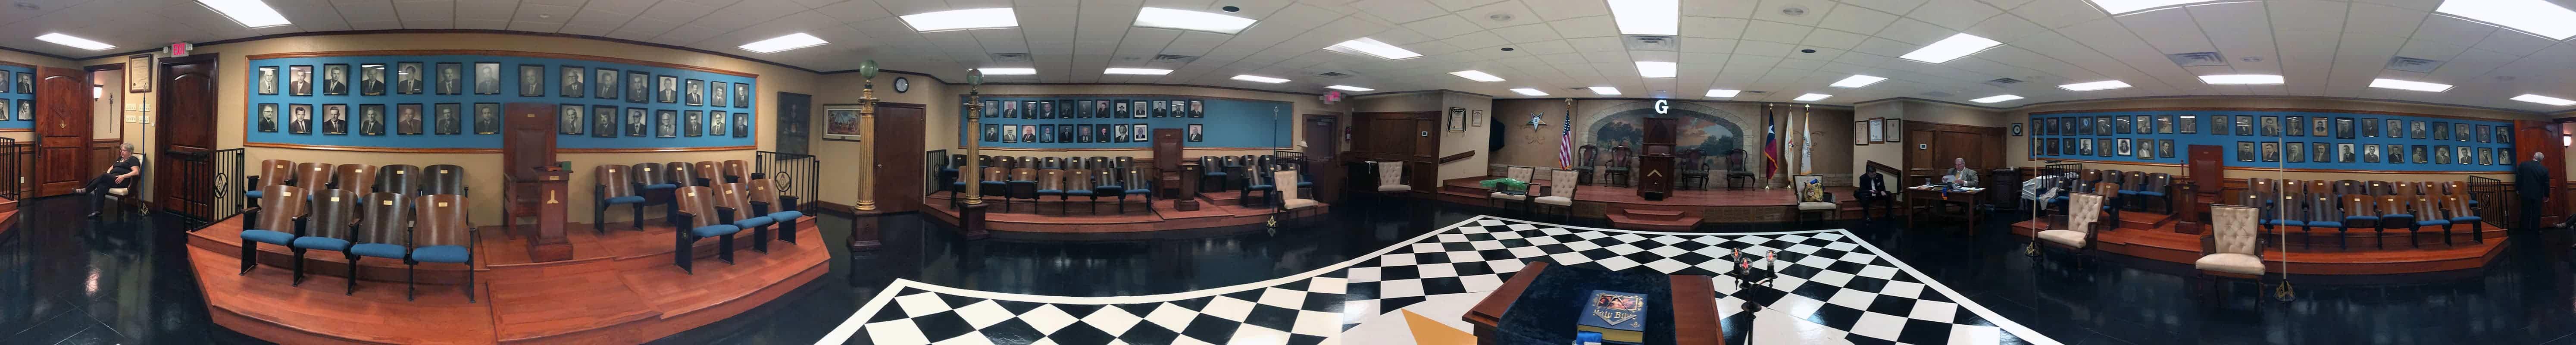 New Braunfels Masonic Lodge Panorama